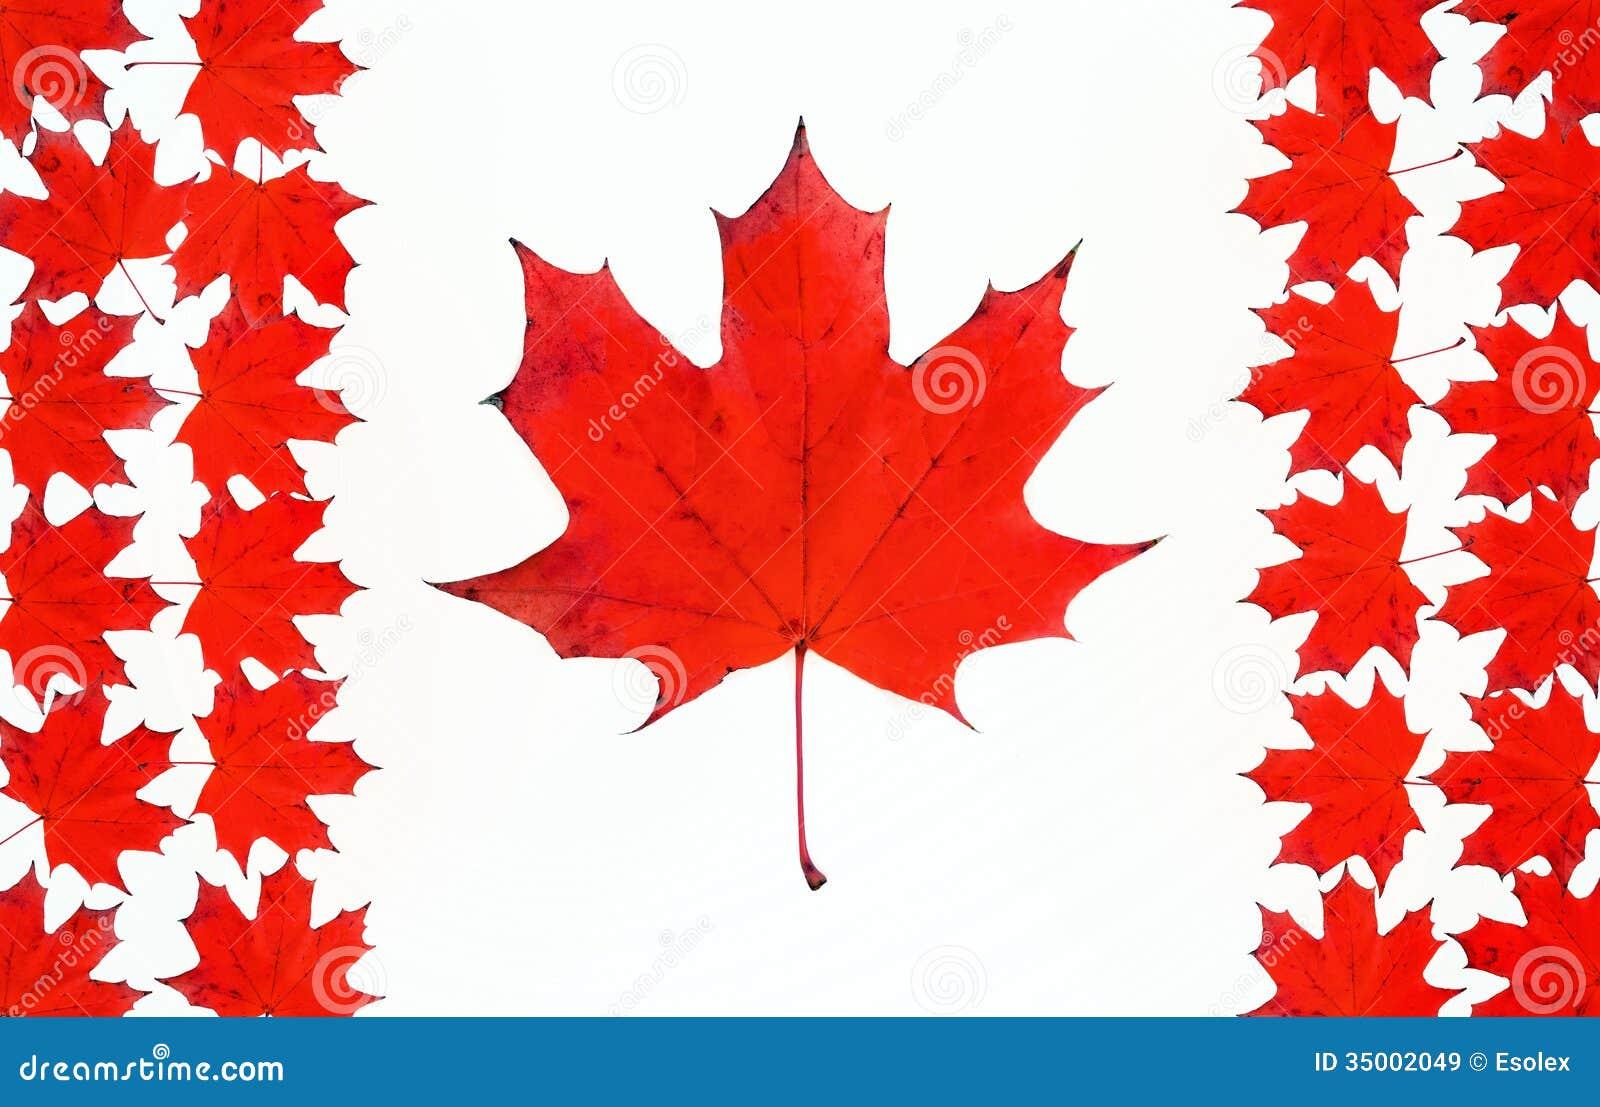 Bandera Canadiense Hecha De Las Hojas Rojas Del Arce. Imagen de ...